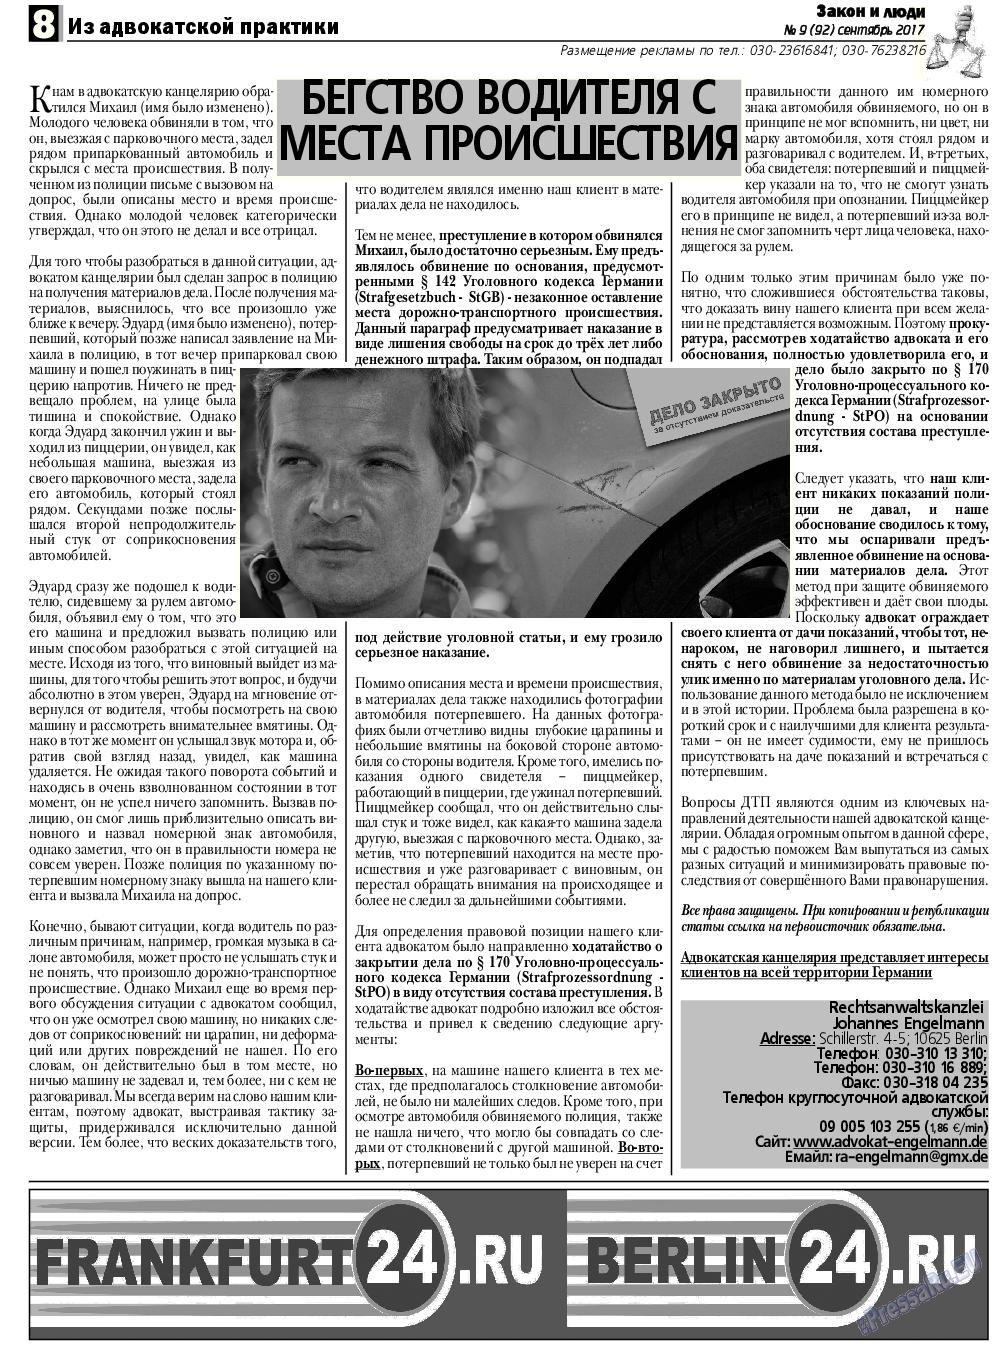 Закон и люди (газета). 2017 год, номер 9, стр. 8